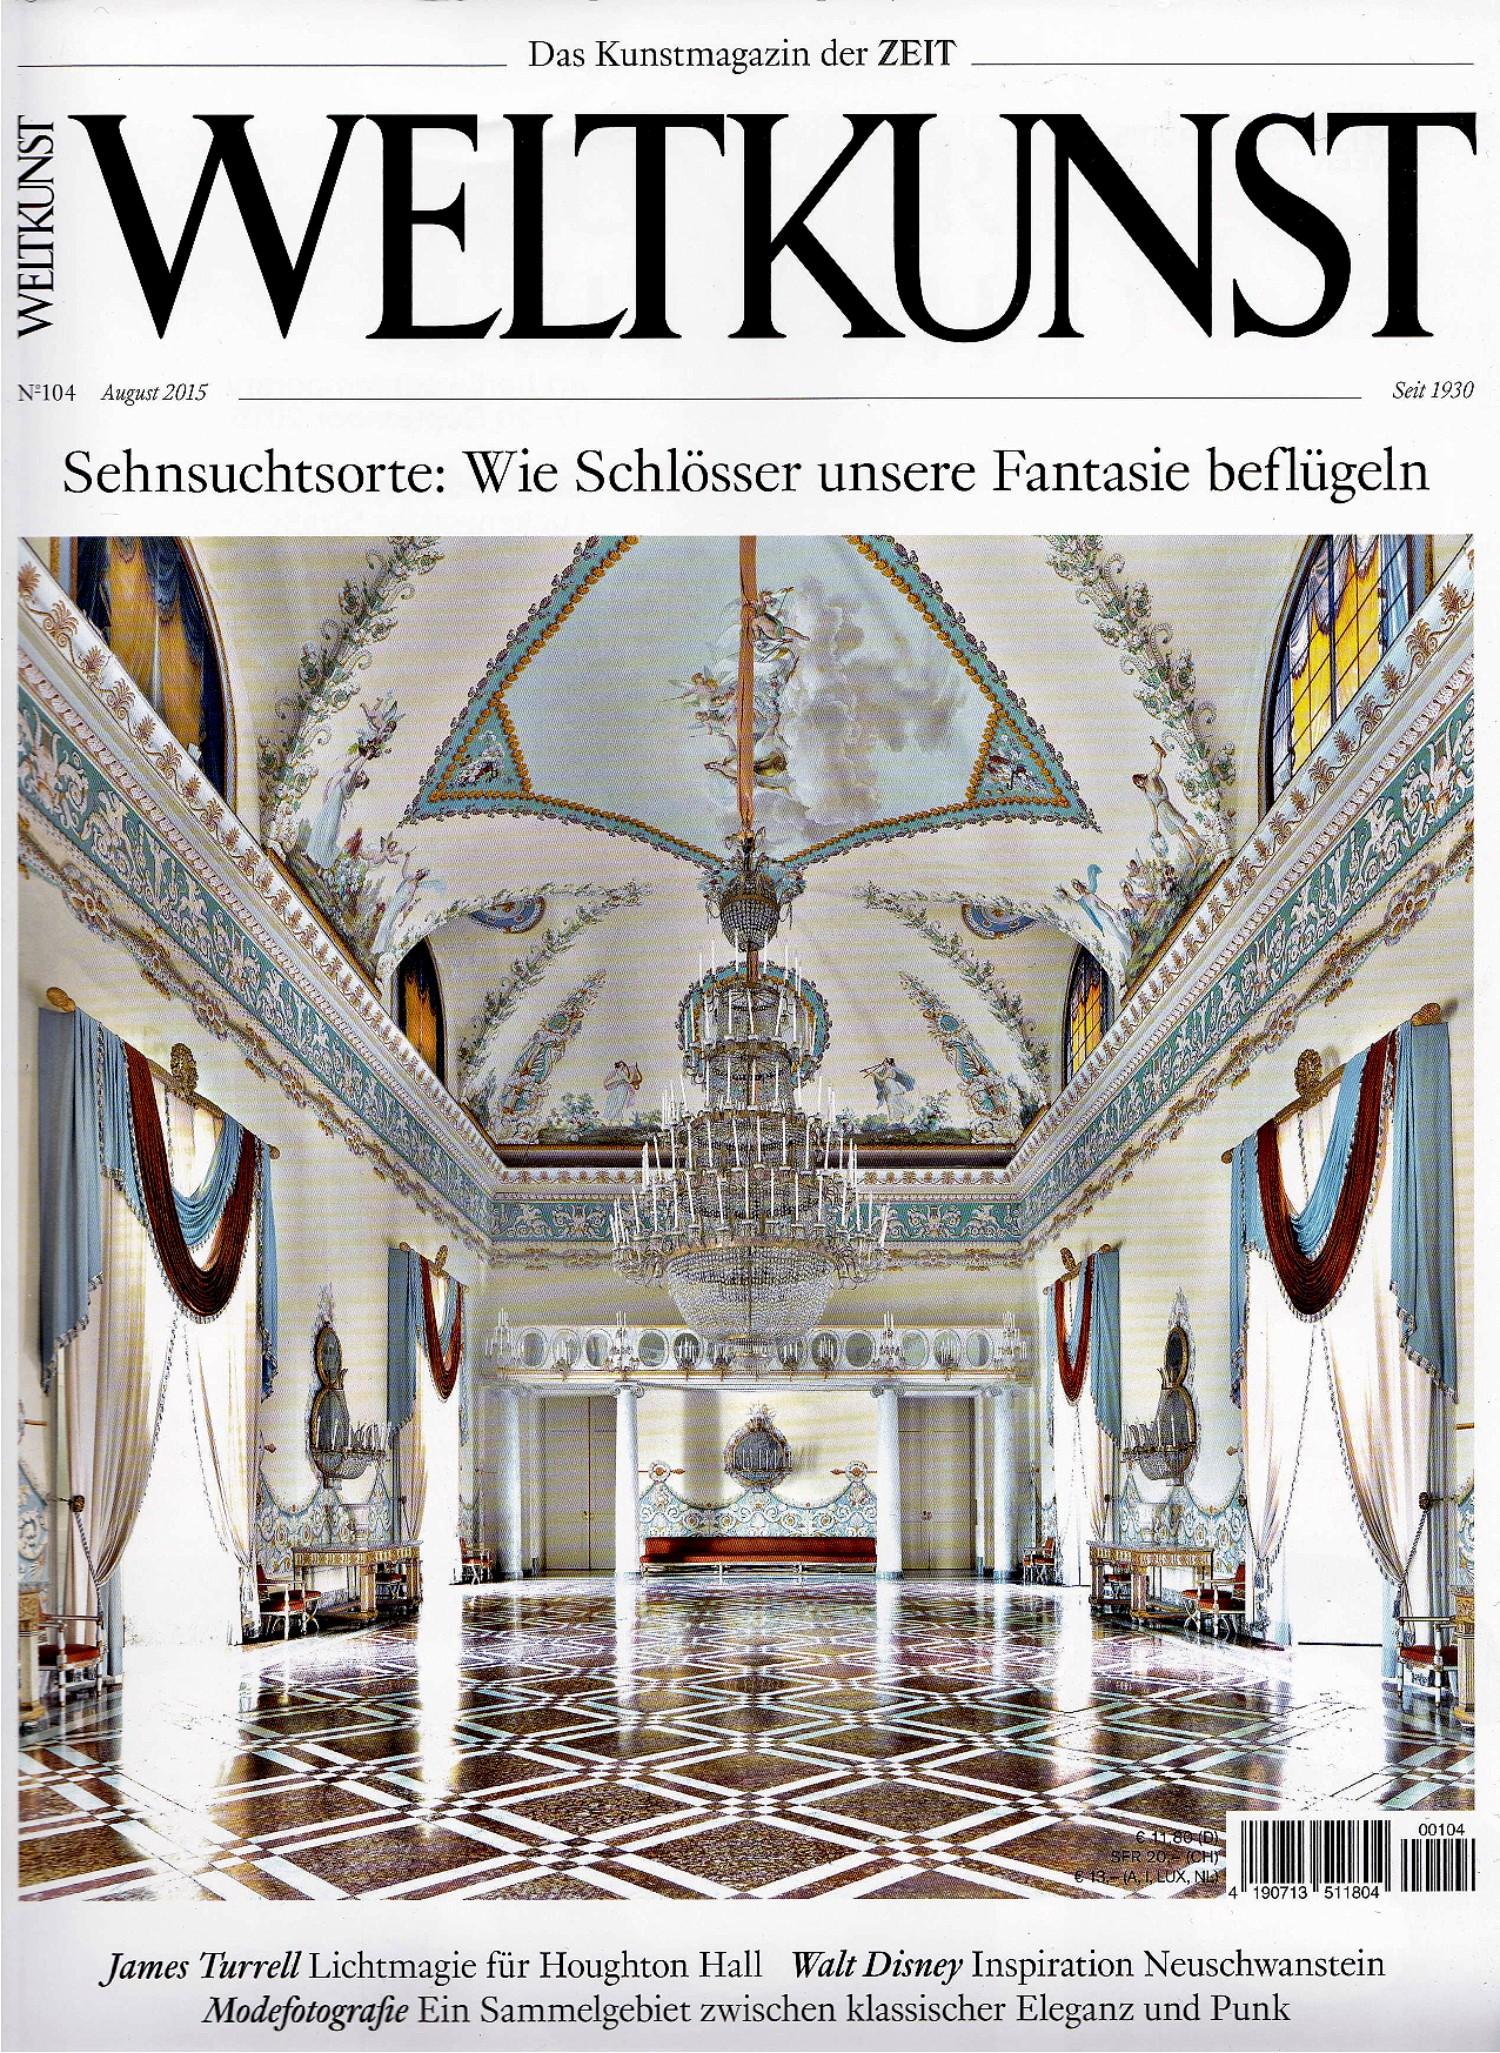 WELTKUNST, Die Zeit, Aug 2015